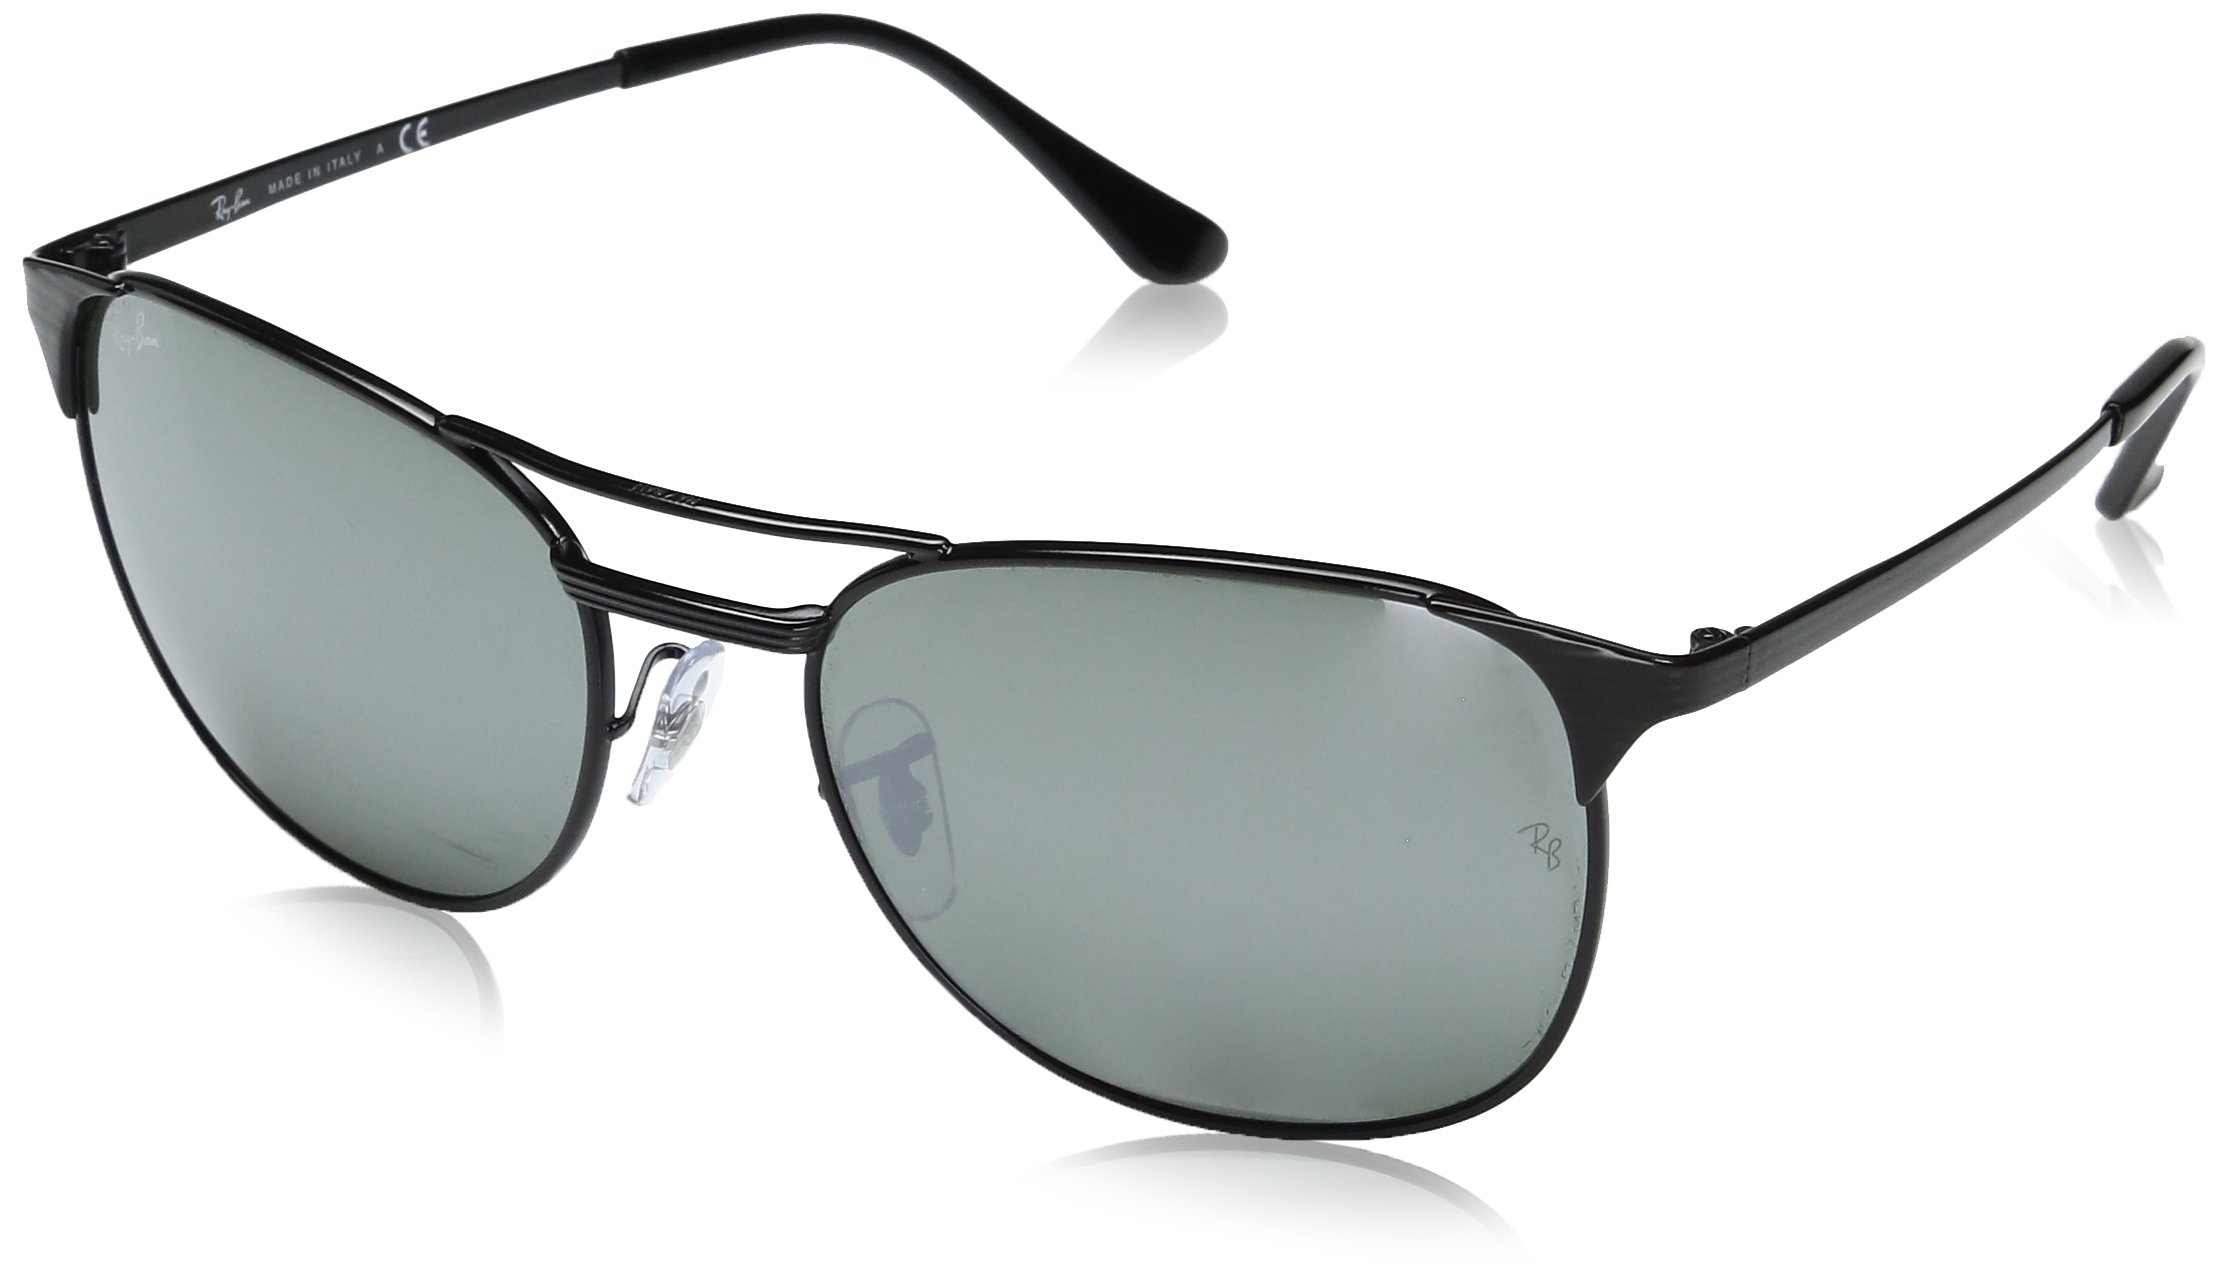 Ray-Ban Men's Metal Man Square Sunglasses, Shiny Black, 58 mm